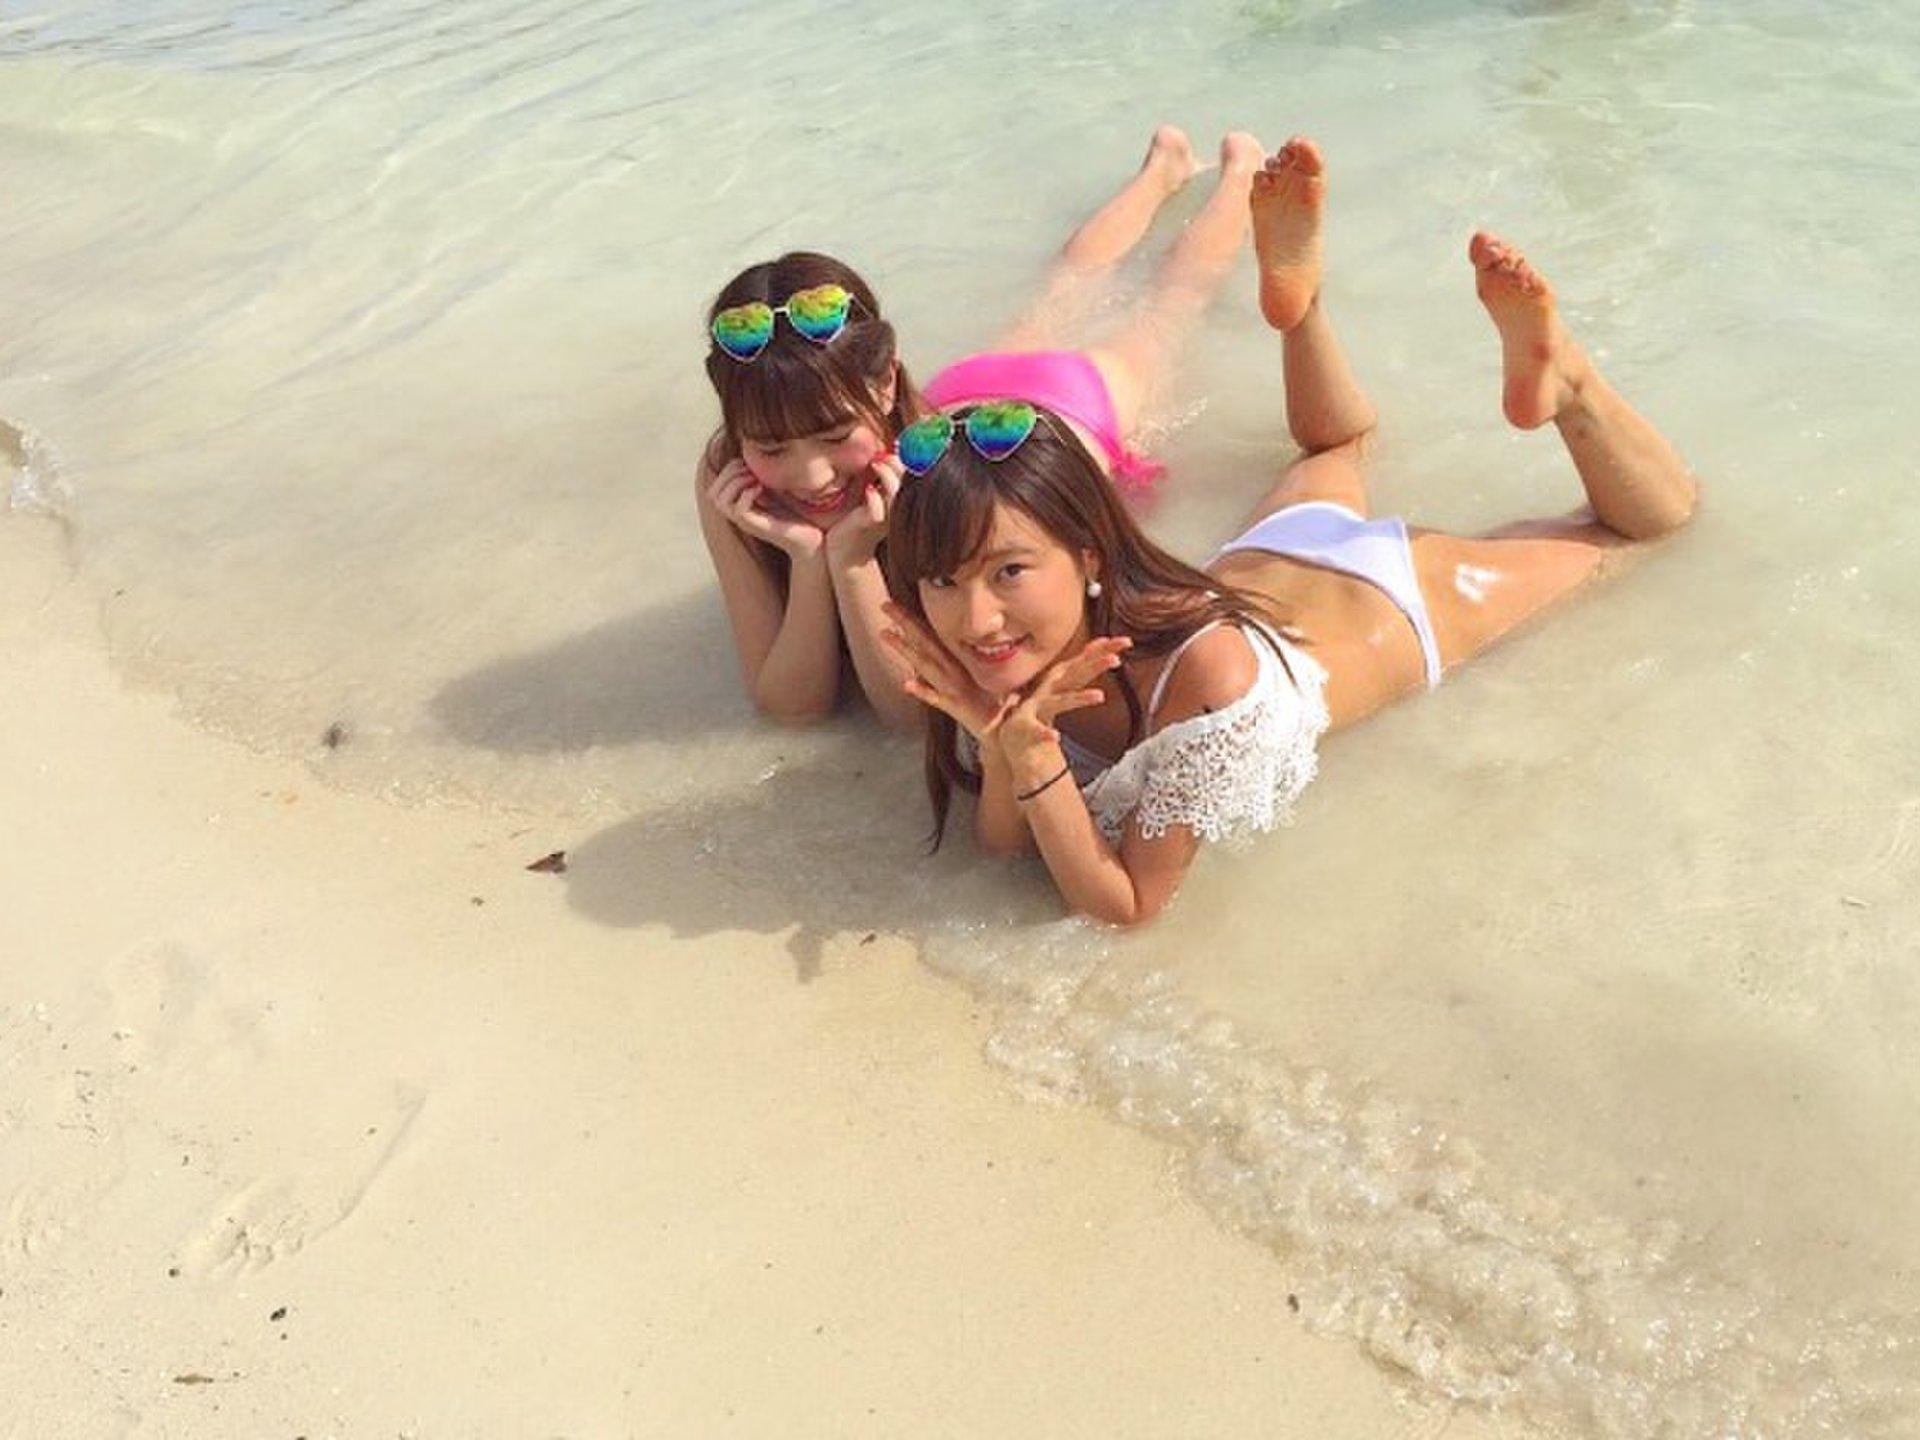 【夏遊びスポット決定版】関東で絶対に外さない遊び・体験スポット10選